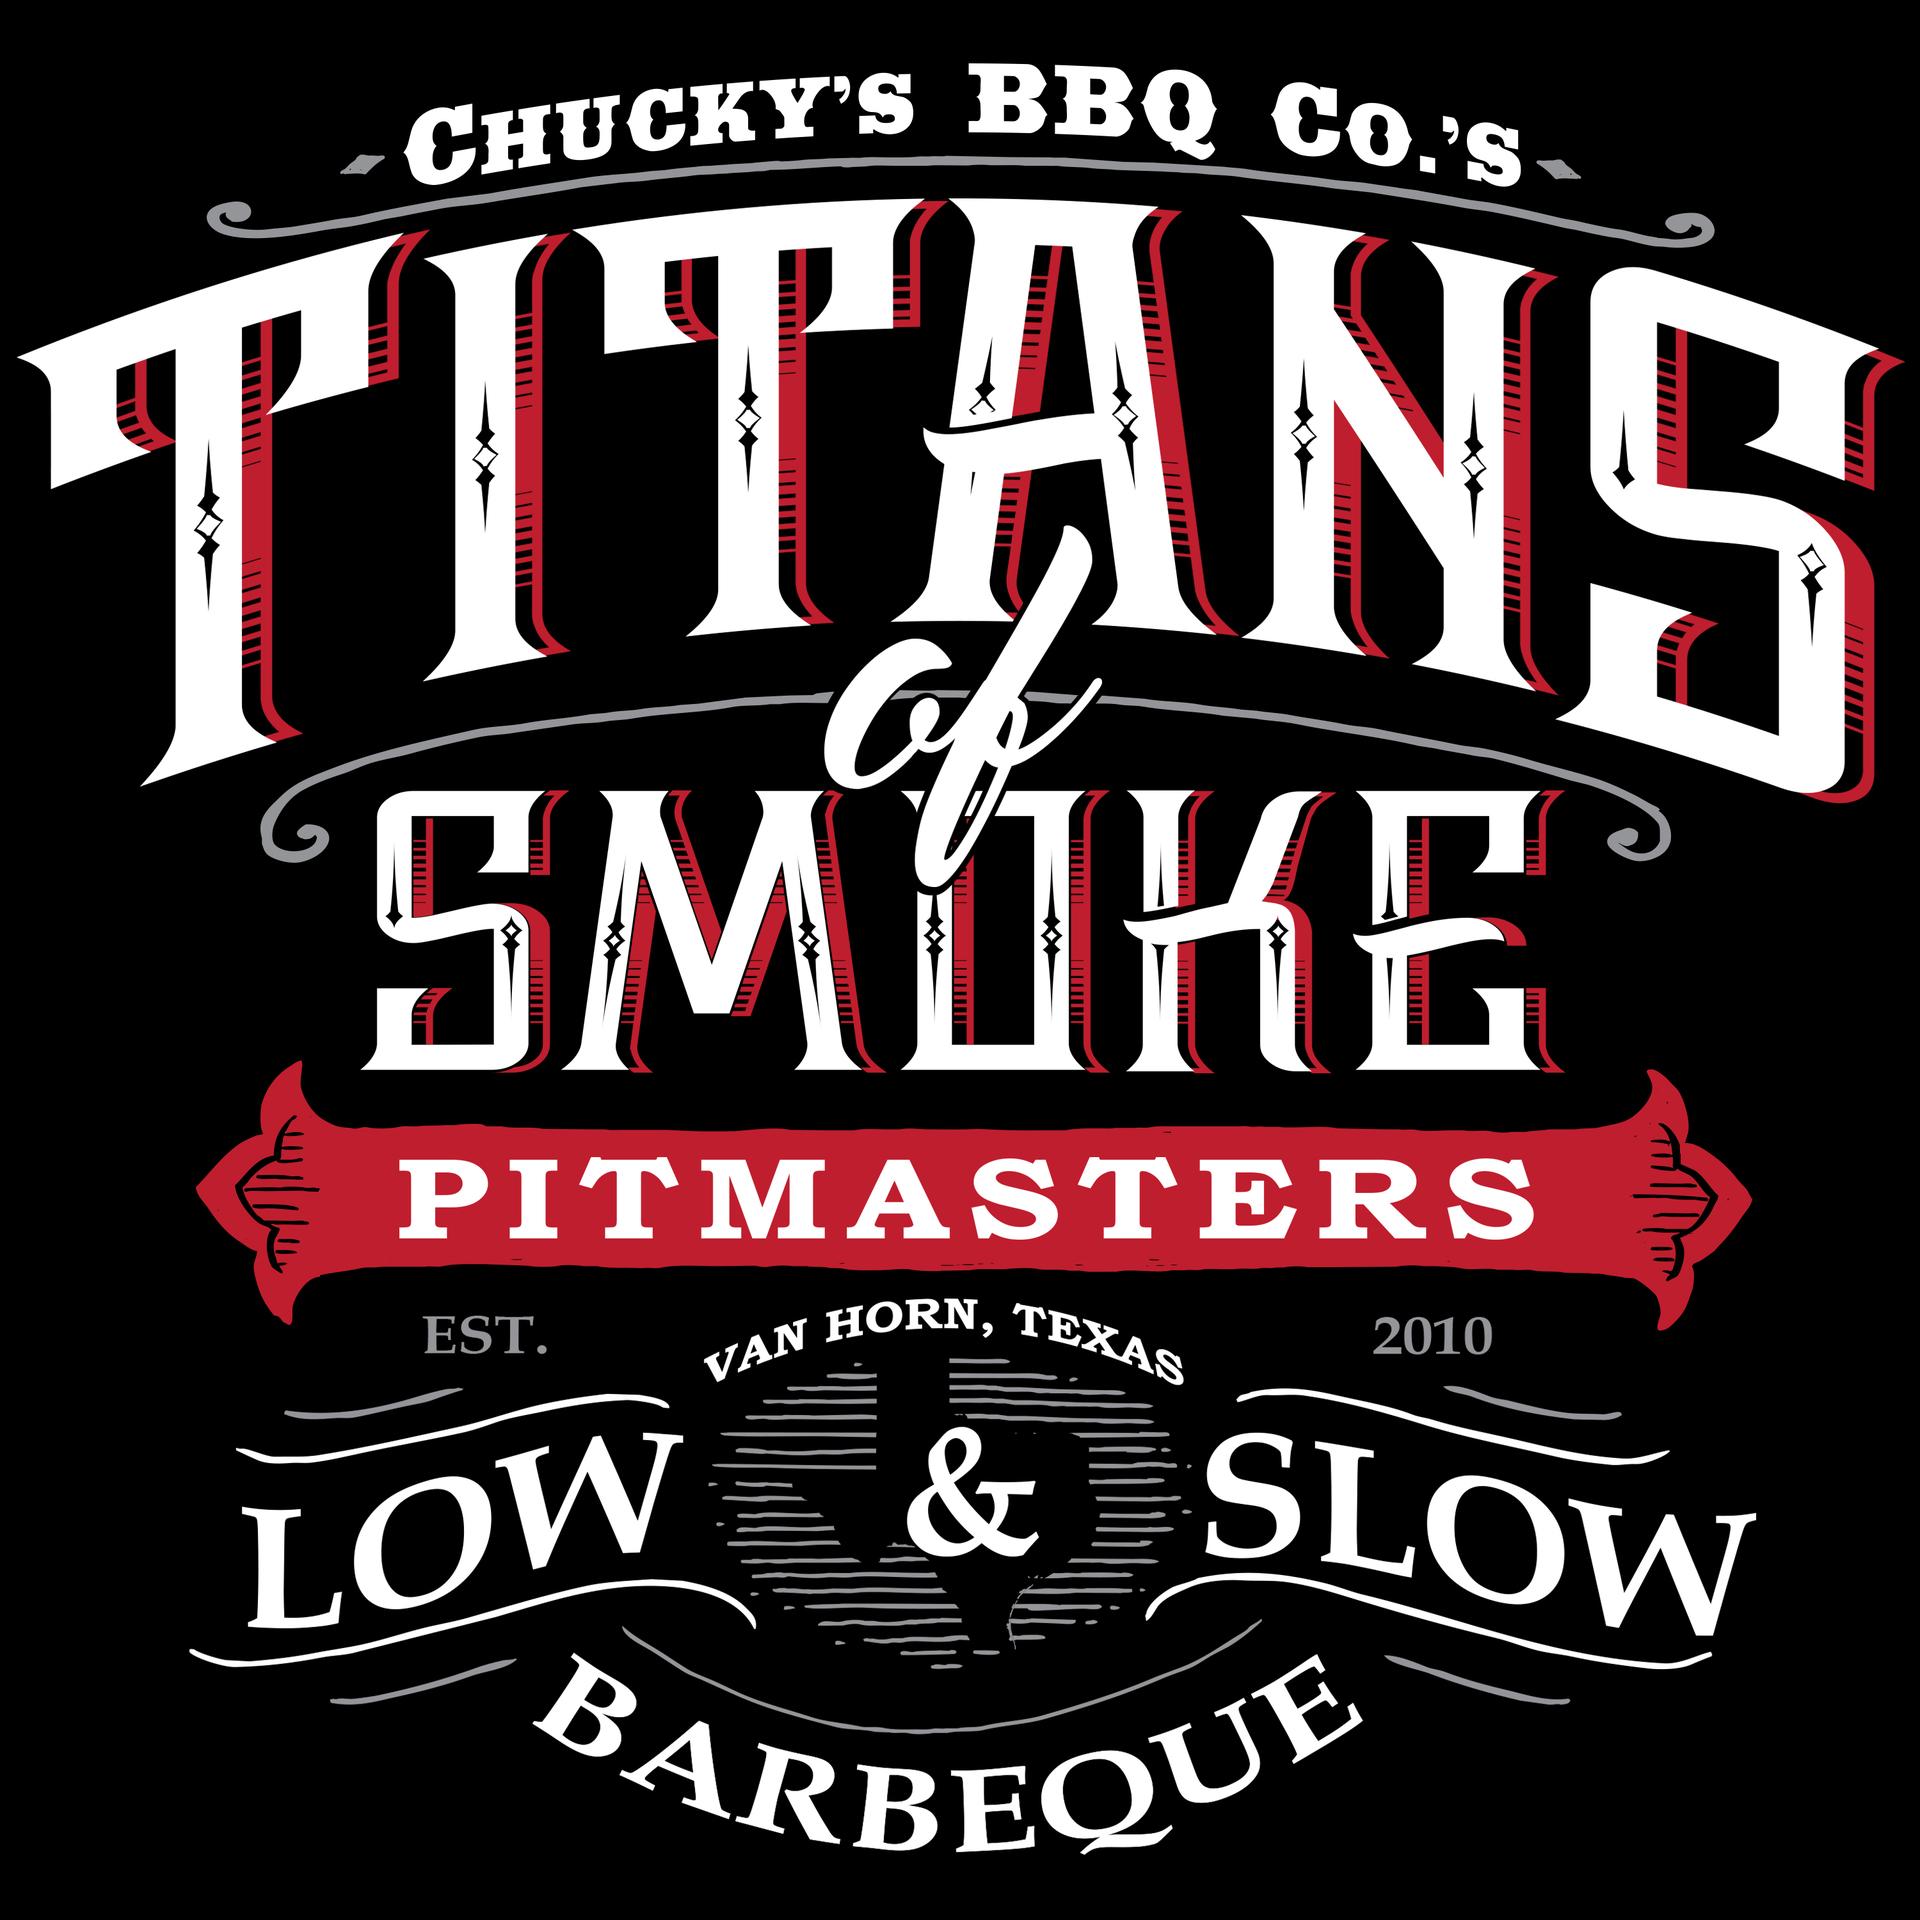 Titans of Smoke